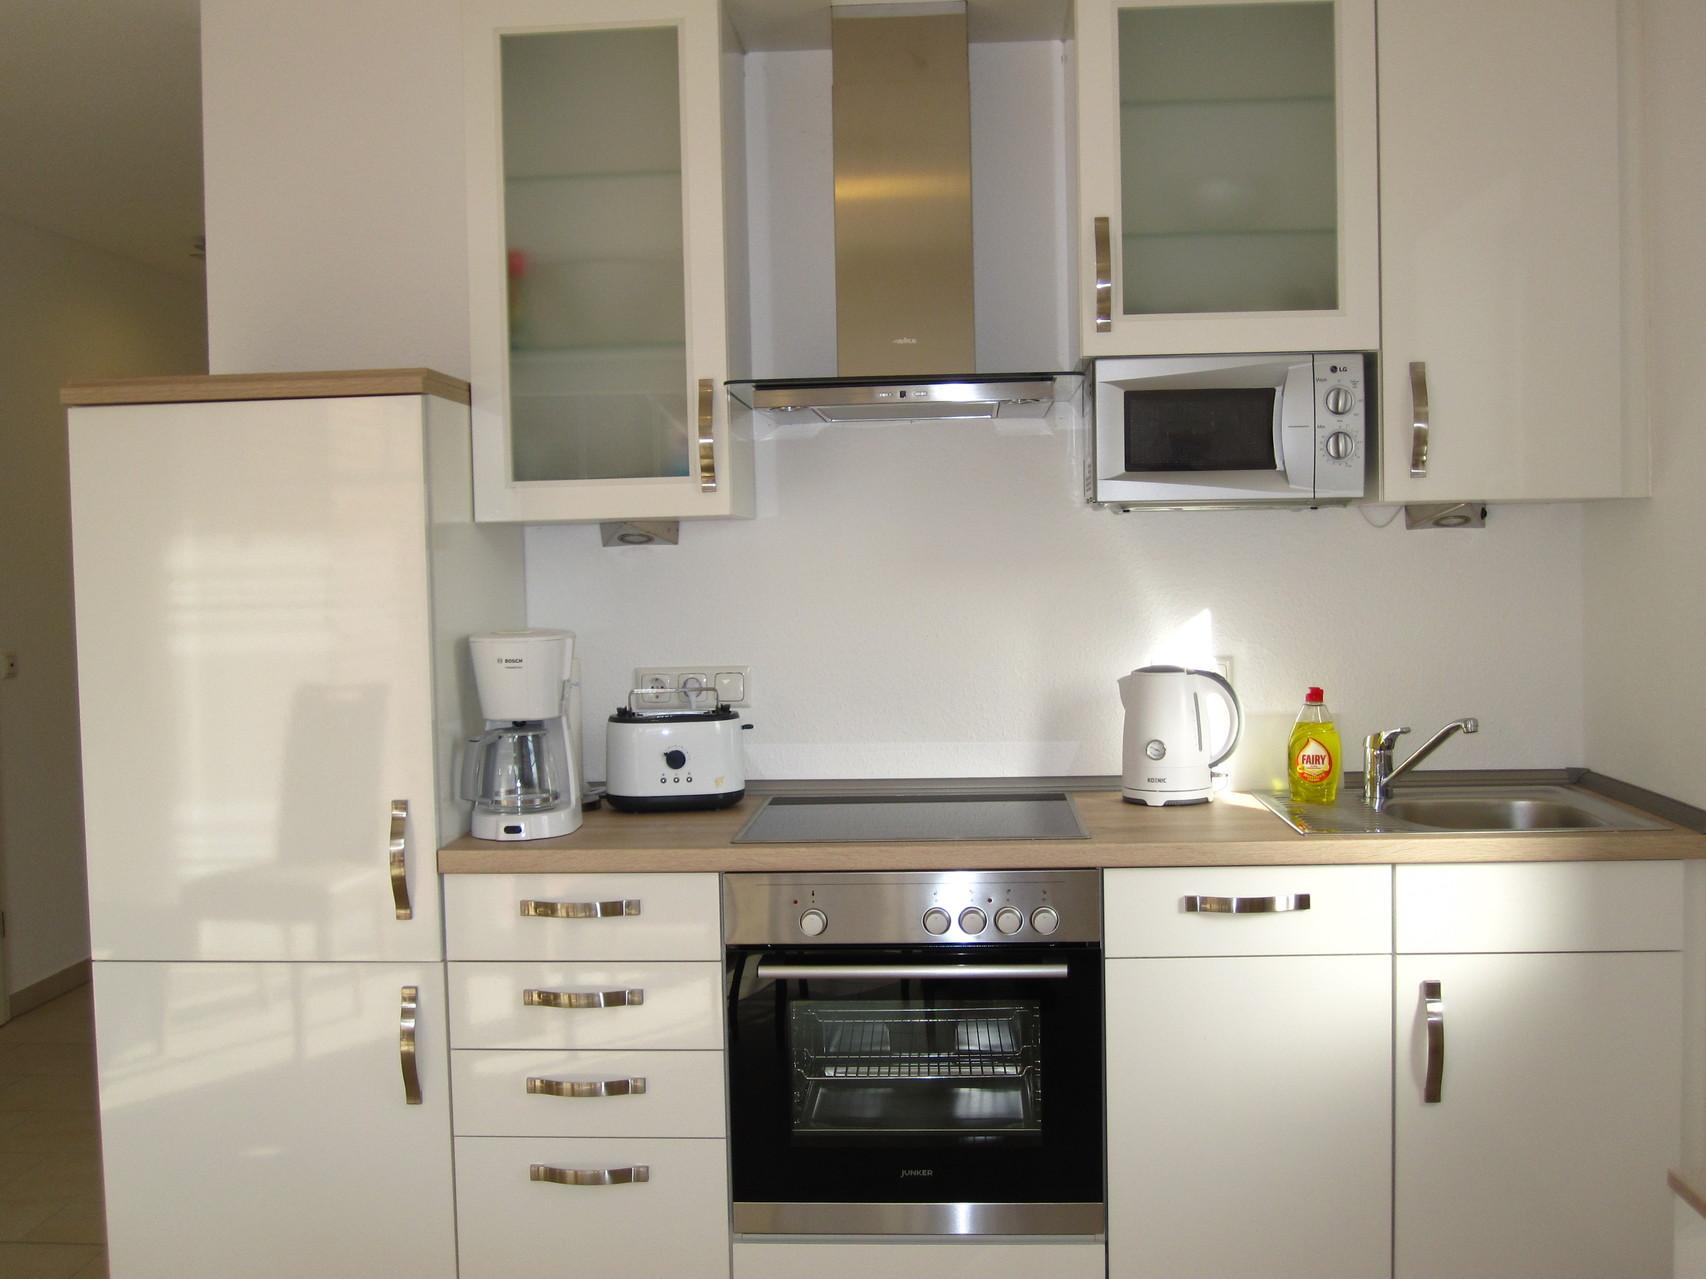 Küche mit Spülmaschine, Ceranfeld, Mikrowelle, Toaster, Kühlschrank mit Gefrierfach